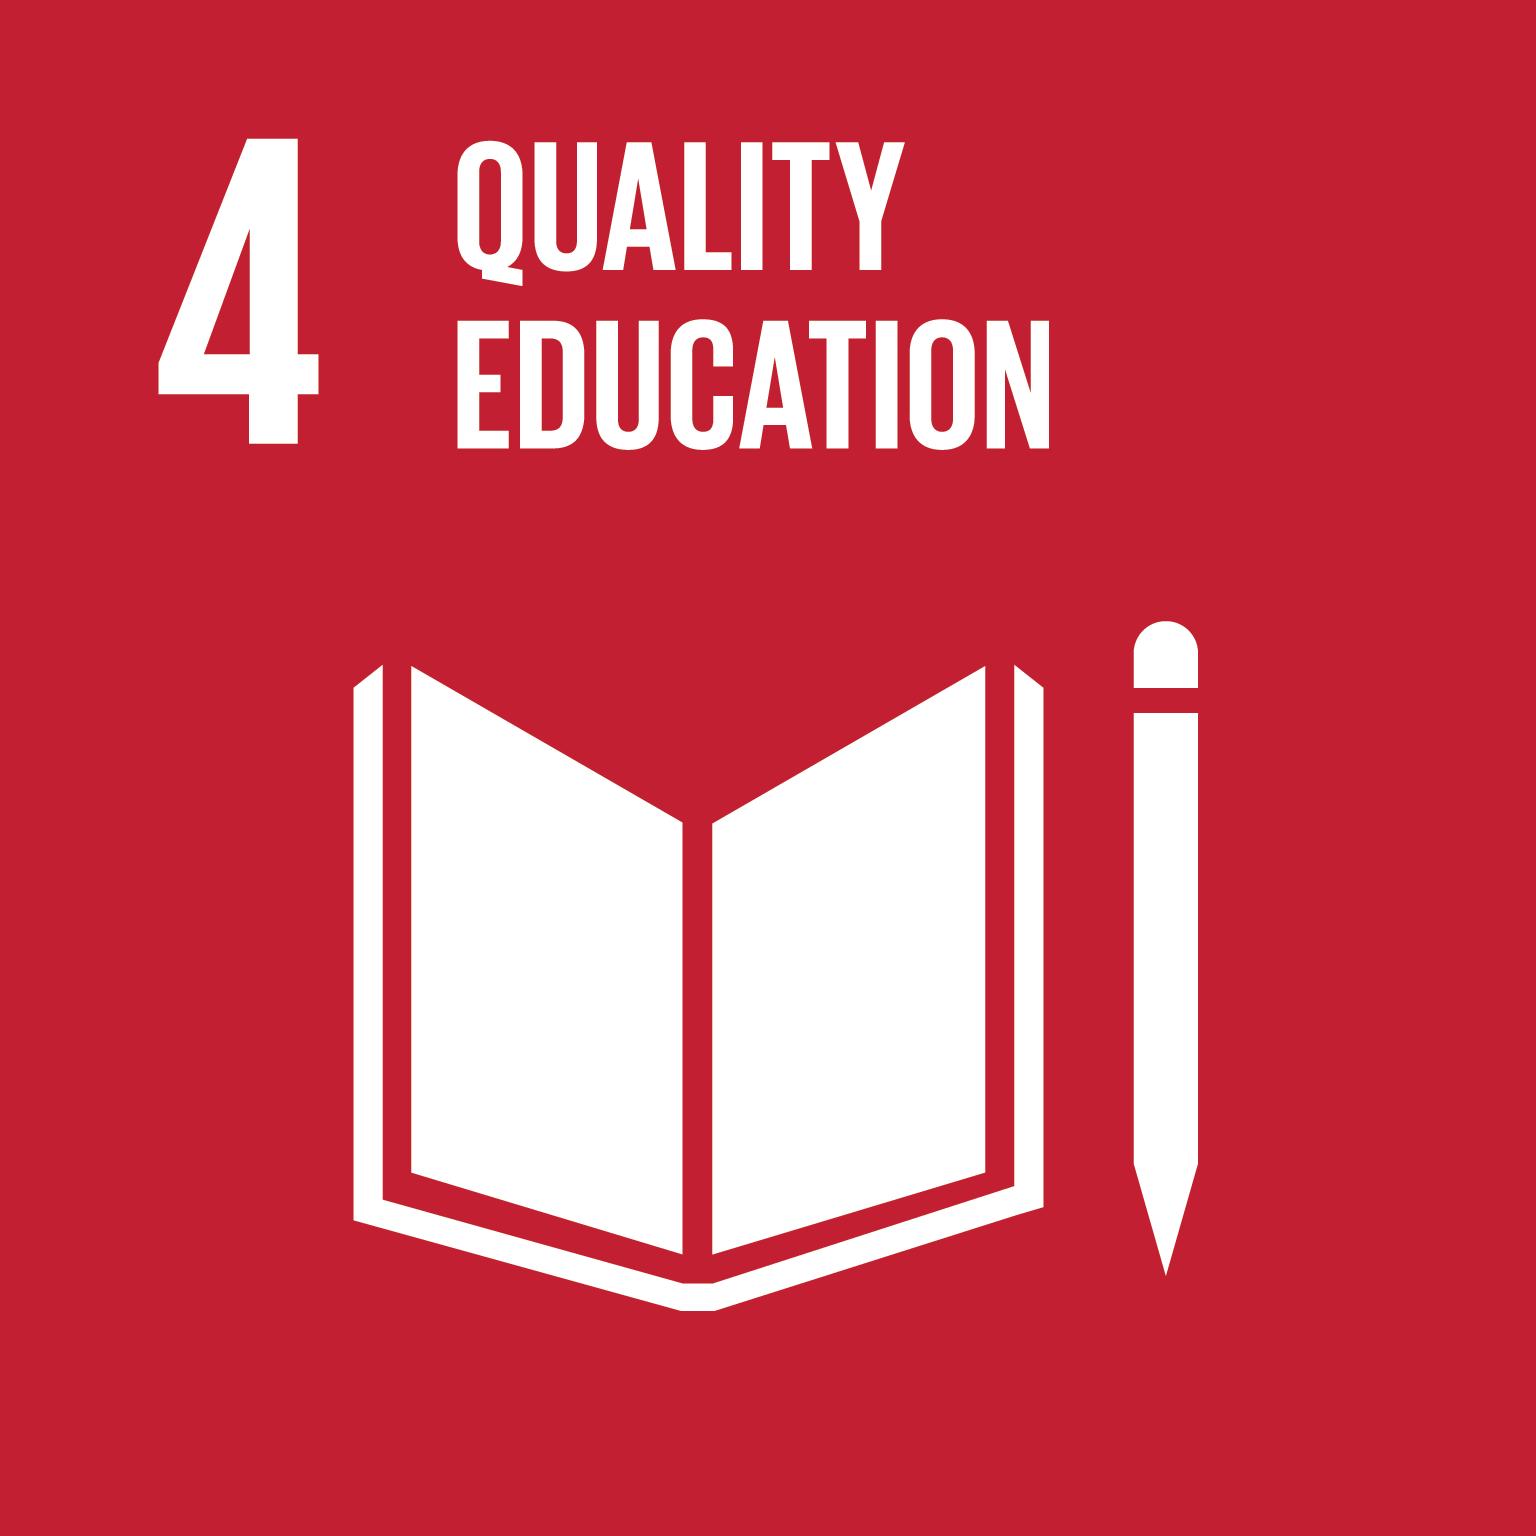 確保有教無類、公平以及高品質的教育,及提倡終身學習